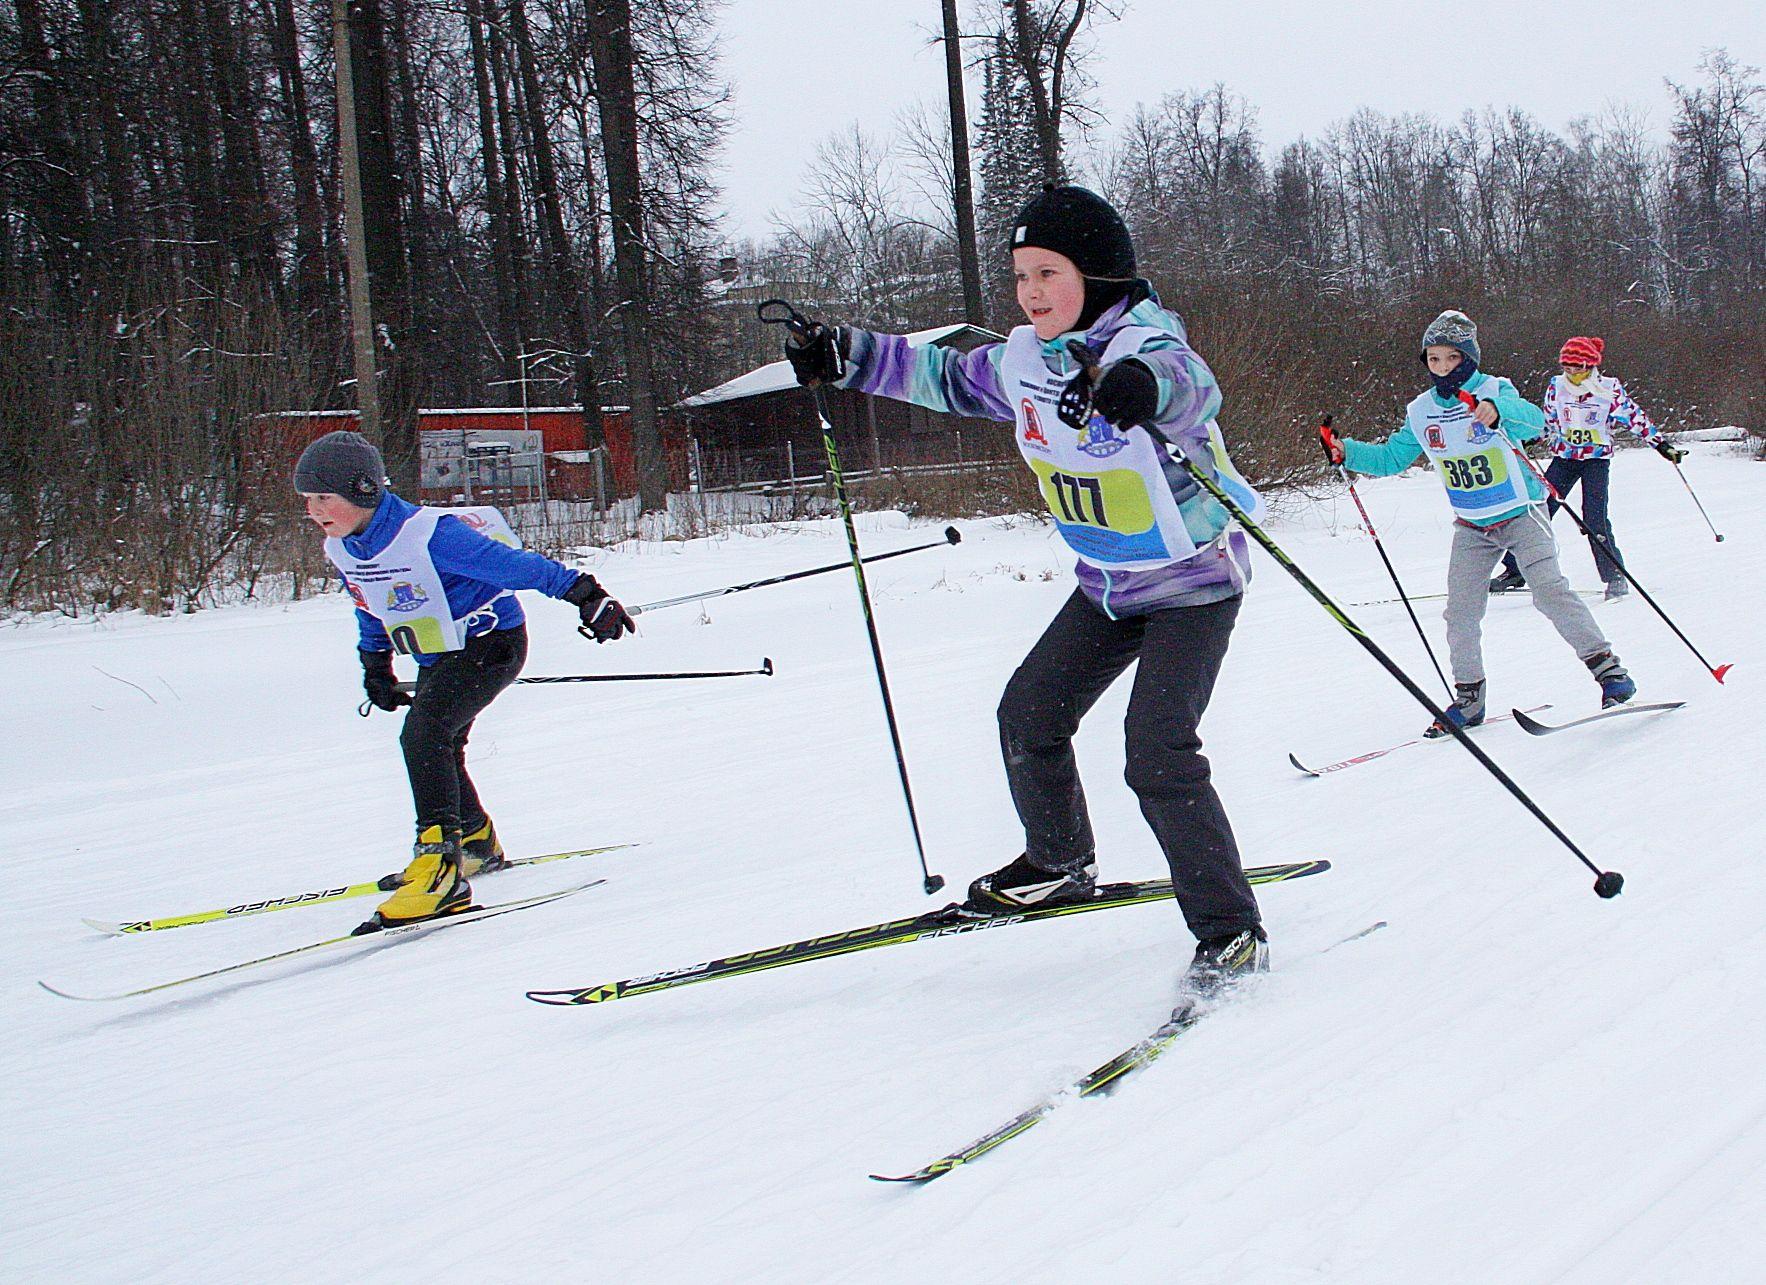 В Троицке юные лыжники посоревнуются в гонке. Фото: Павел Волков, «Вечерняя Москва»